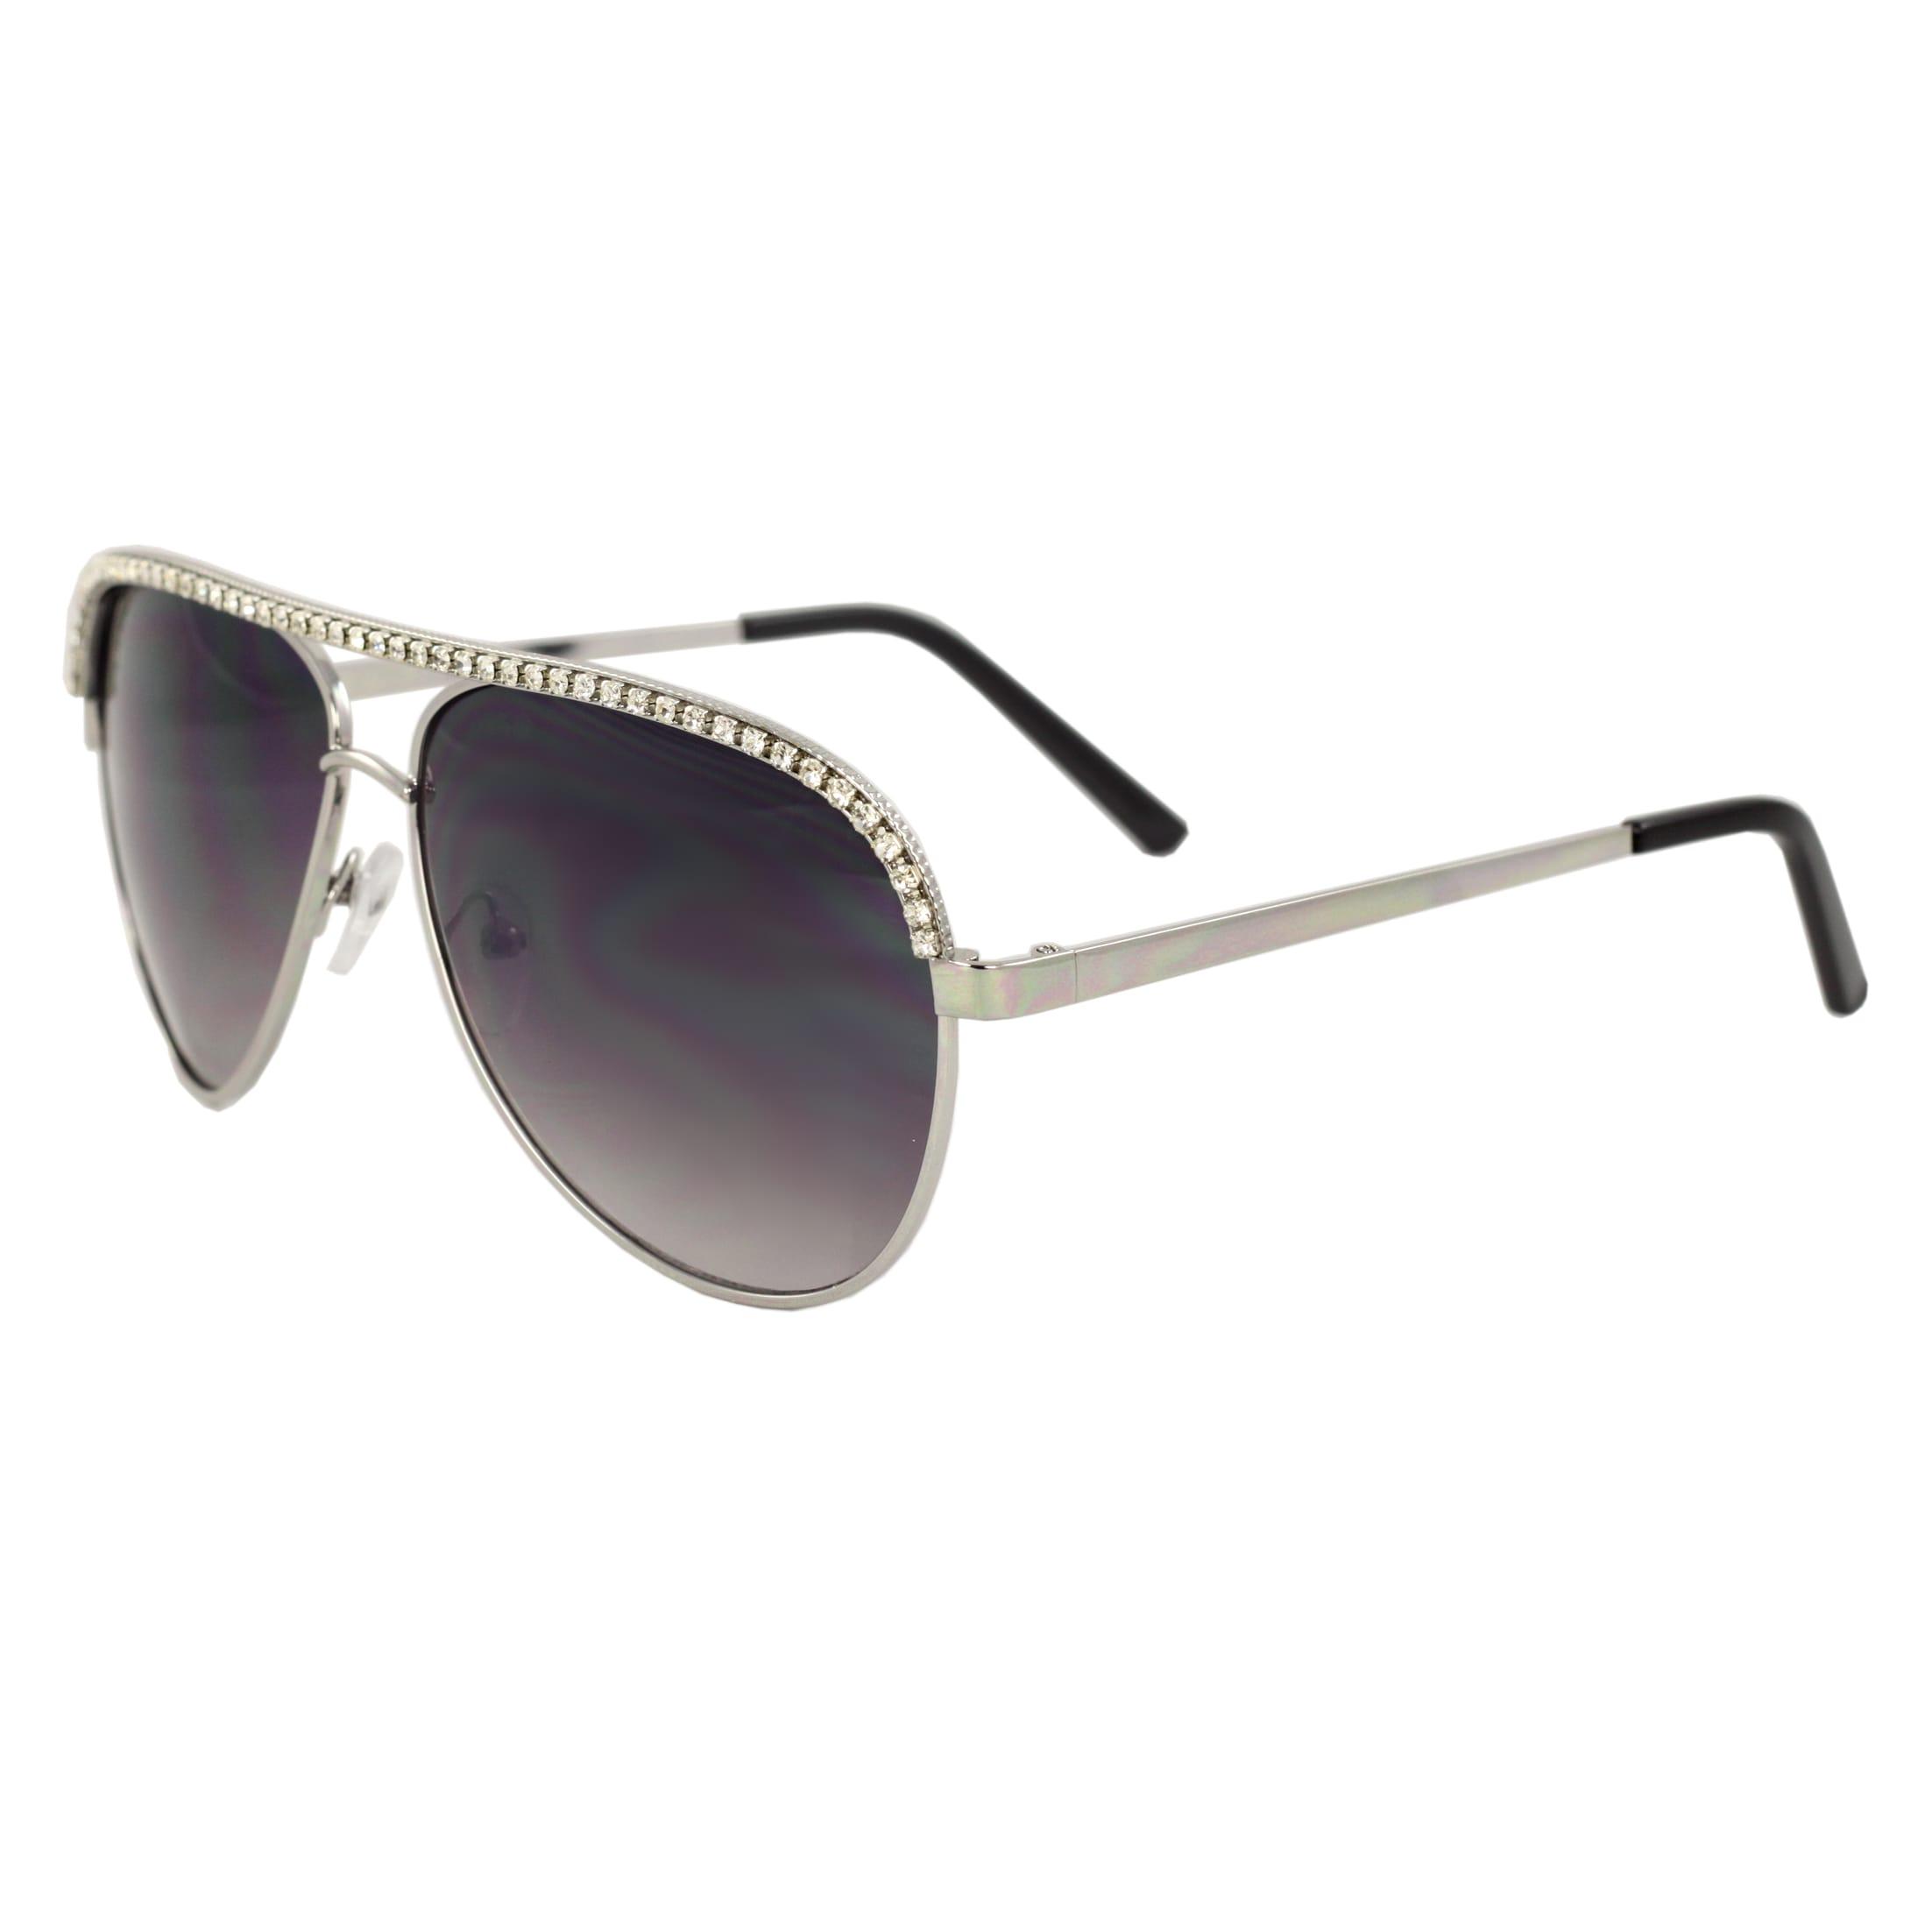 Women's Rhinestone Embossed Aviator Sunglasses